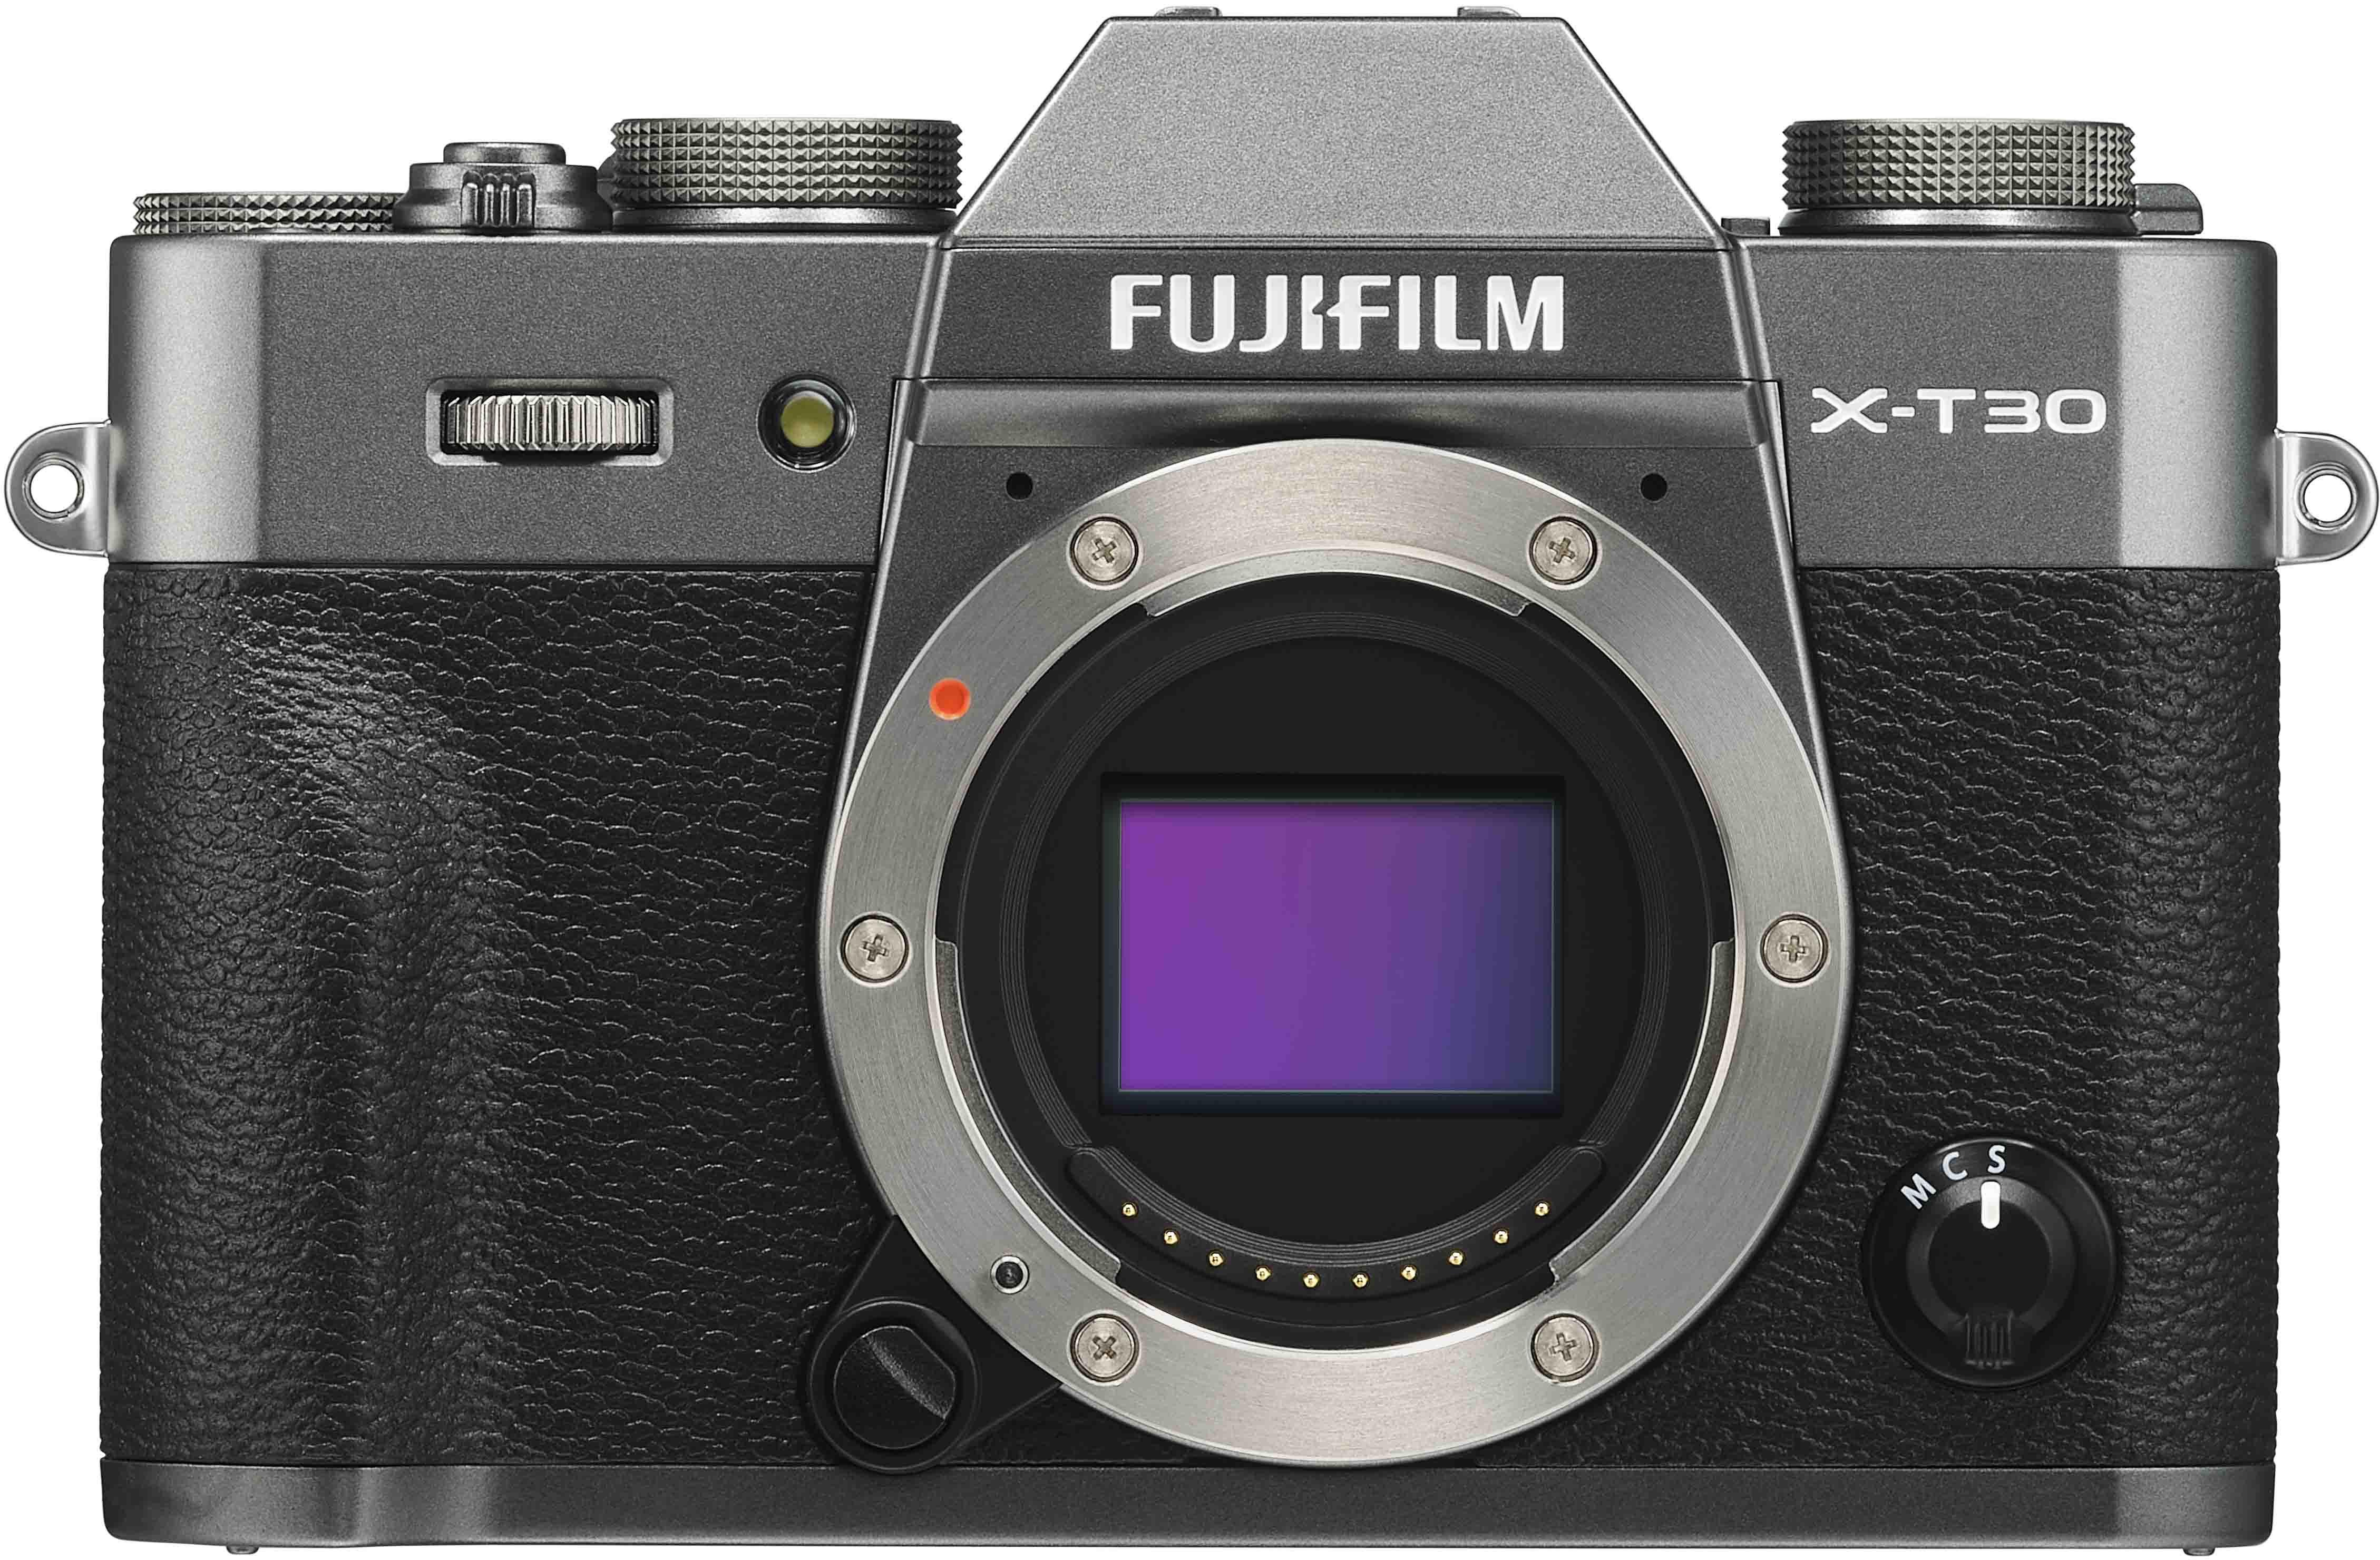 Fujifilm X-T30 korpuss, kokogles pelēks 4547410400229 16619700 Digitālā kamera